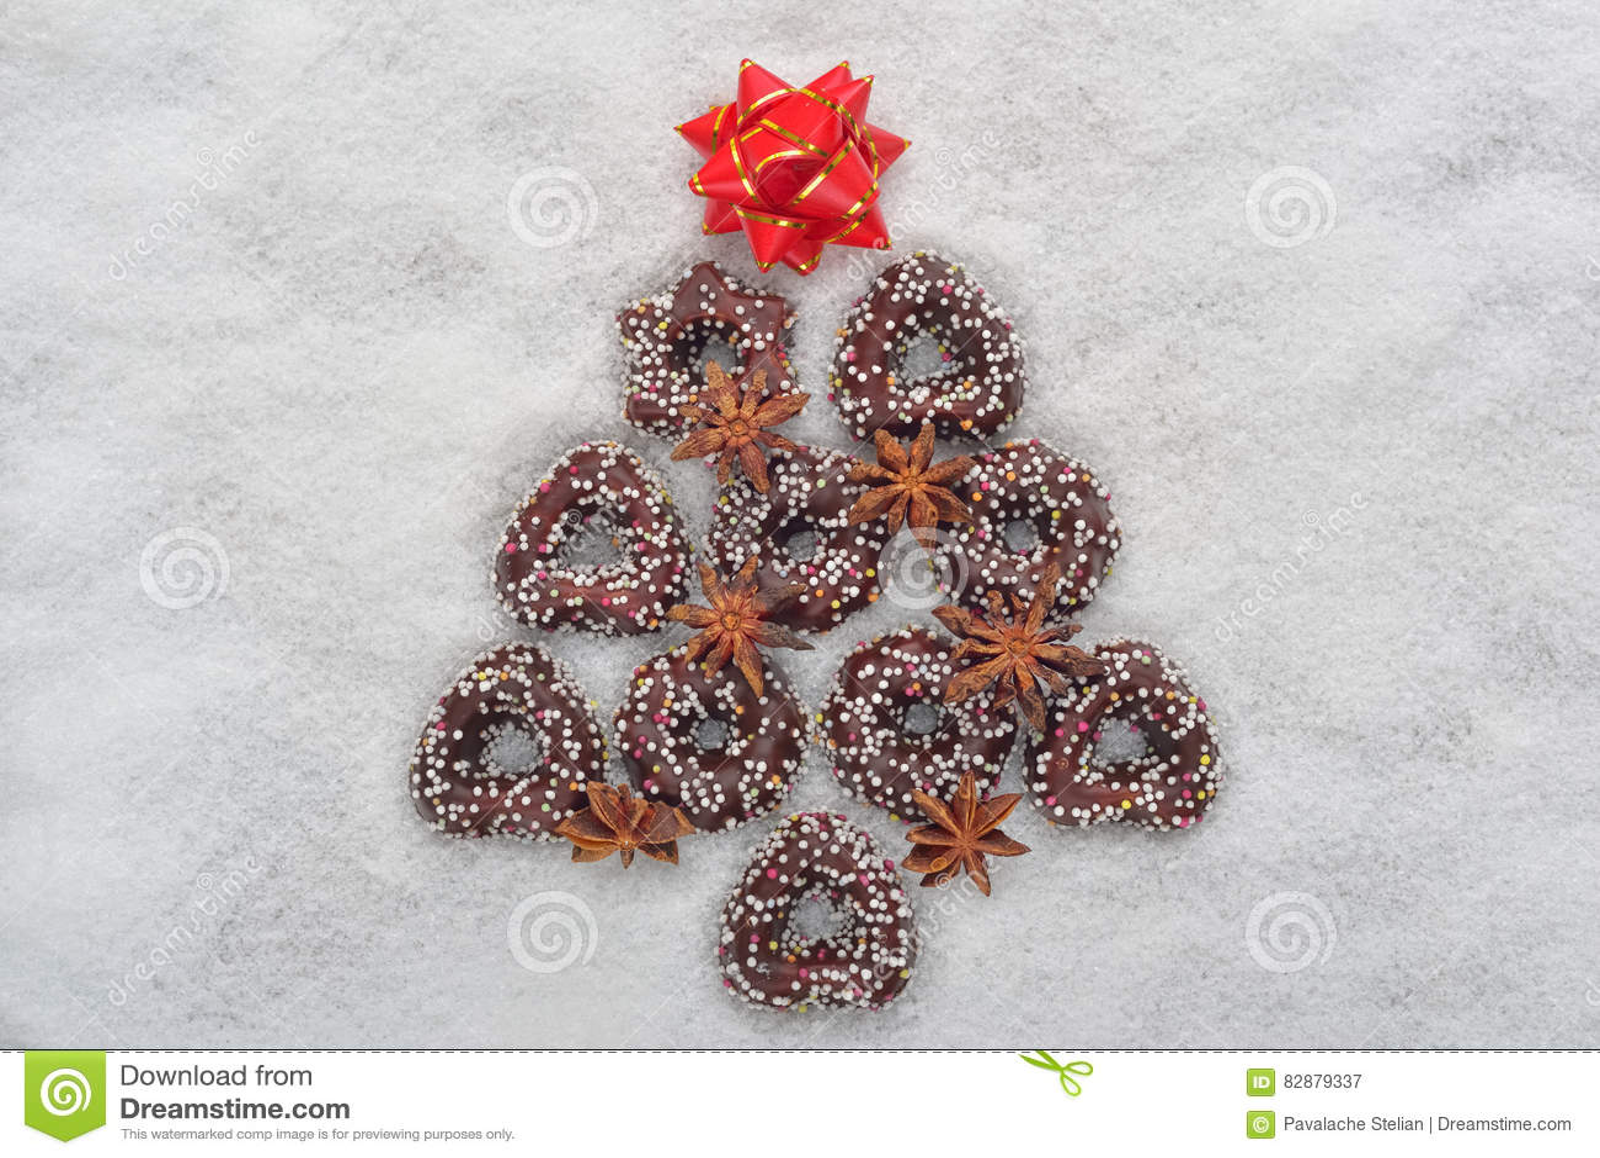 Albero Di Natale Fatto Con I Biscotti.Albero Dei Biscotti Di Natale Fatto Da Cannella Con Una Stella Rossa